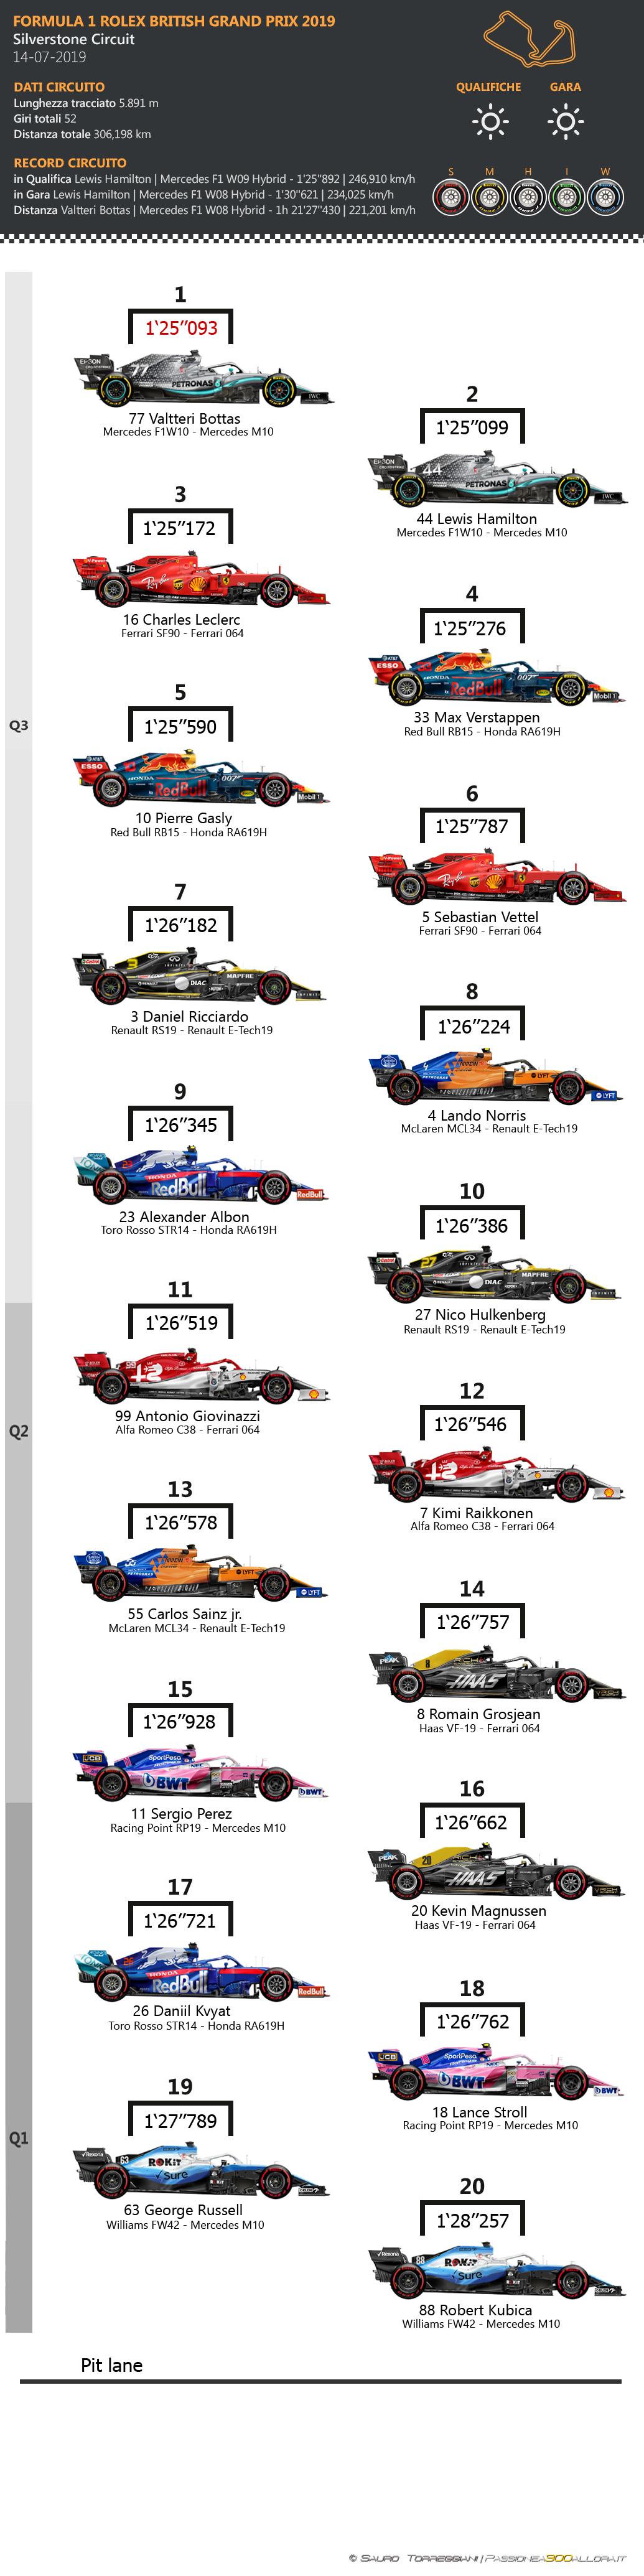 F1 | GP di Gran Bretagna 2019: griglia di partenza, penalità e set a disposizione 1